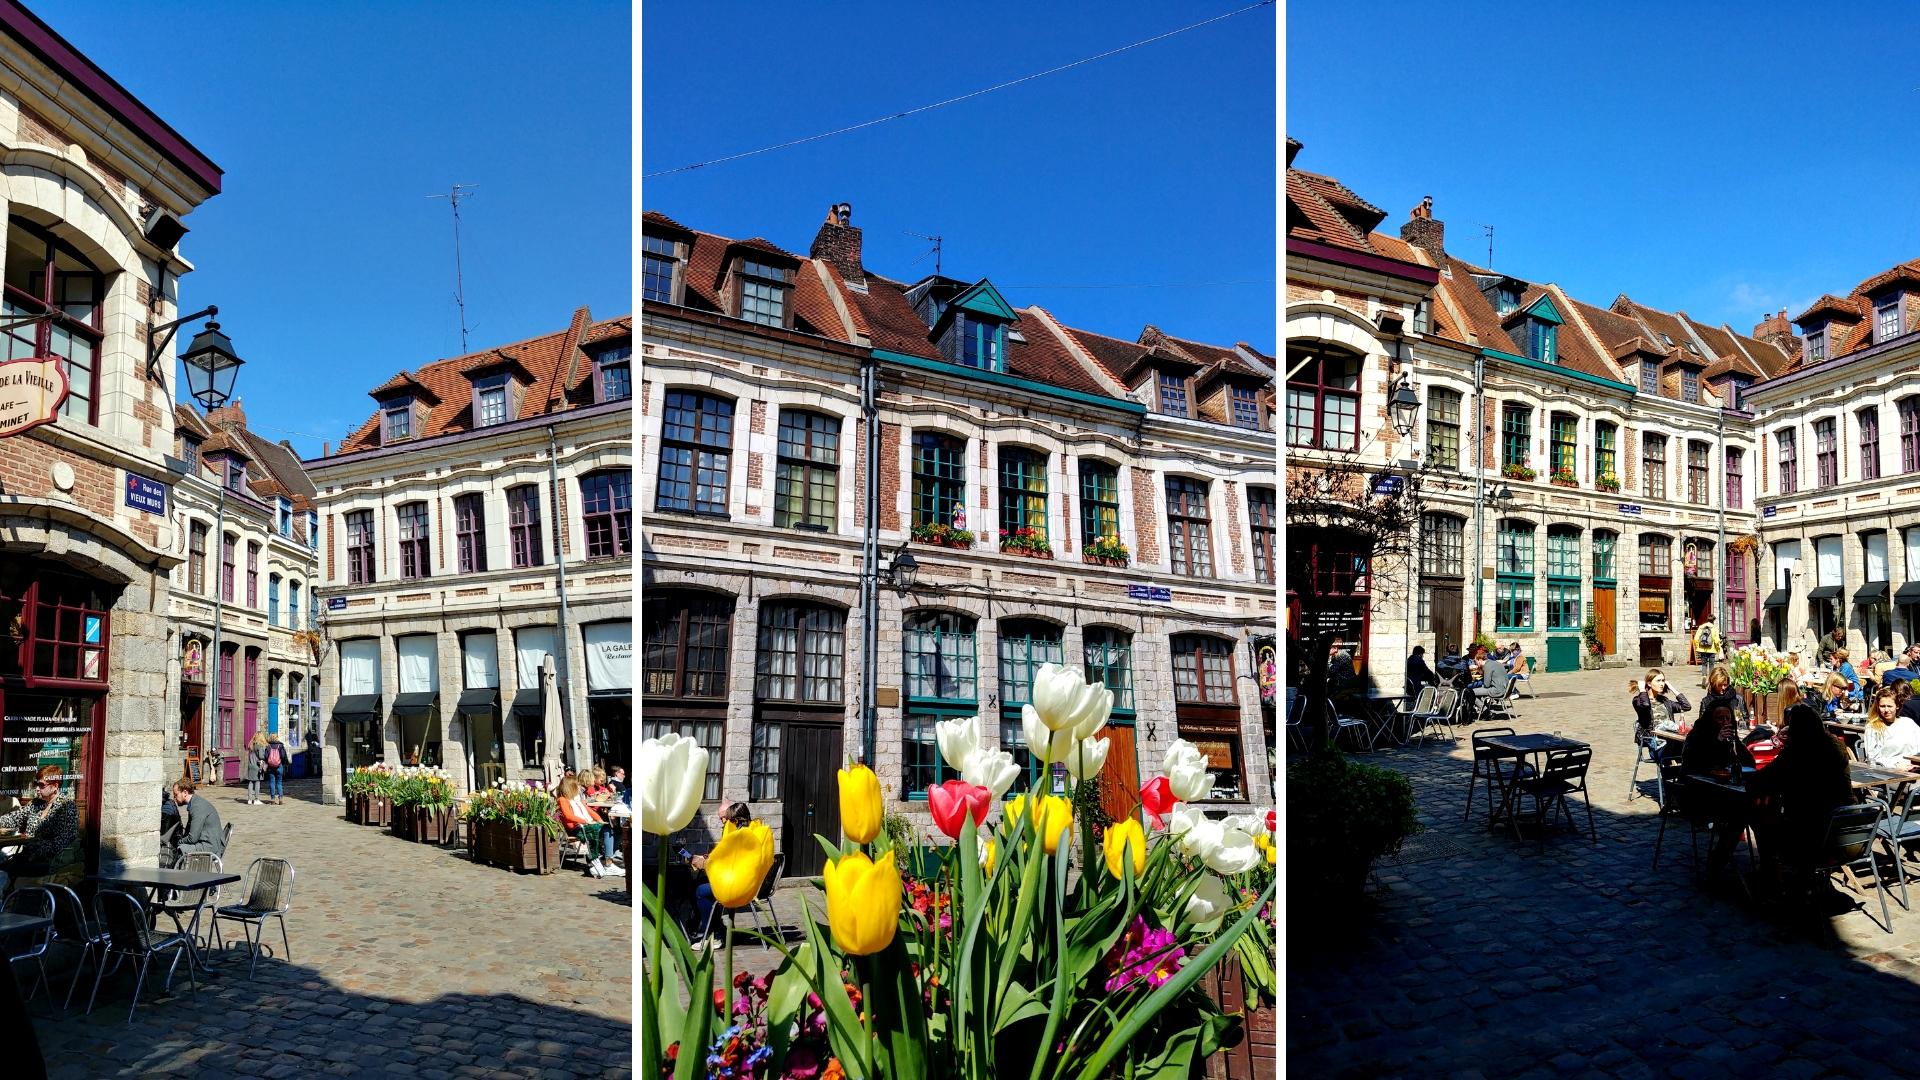 vieux Lille place aux oignons vieil estaminet que voir blog voyage france arpenter le chemin